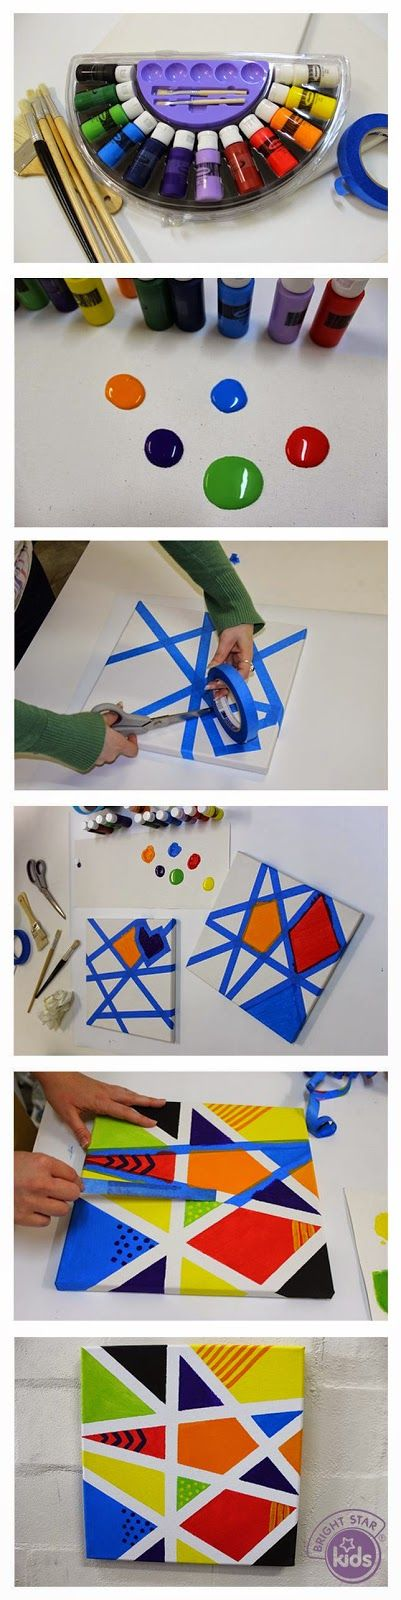 http://minikportakal.blogspot.com.tr  MiNiK PoRTaKaL: Bantlar Yardımıyla Sanat Çalışmaları